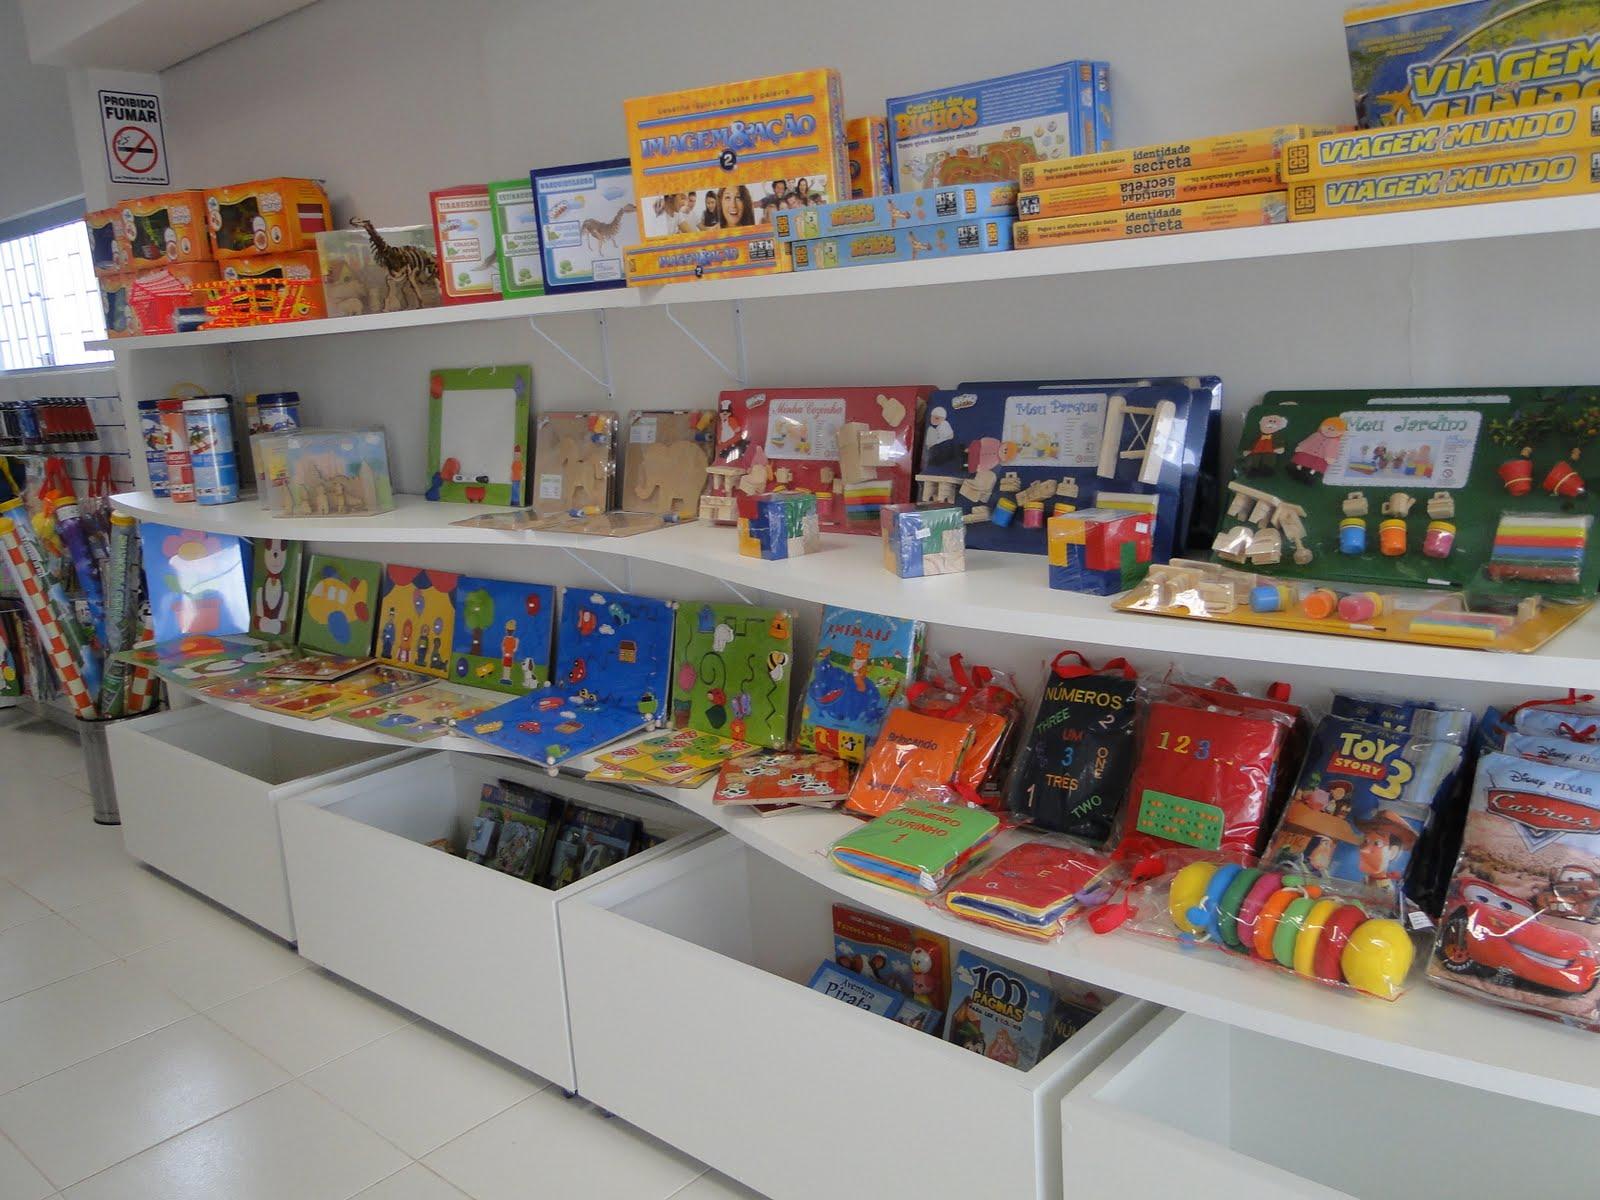 curso de decoracao de interiores em uberlandia: da loja de Binquedos BrinqEduca projeto executado em Uberlândia/MG